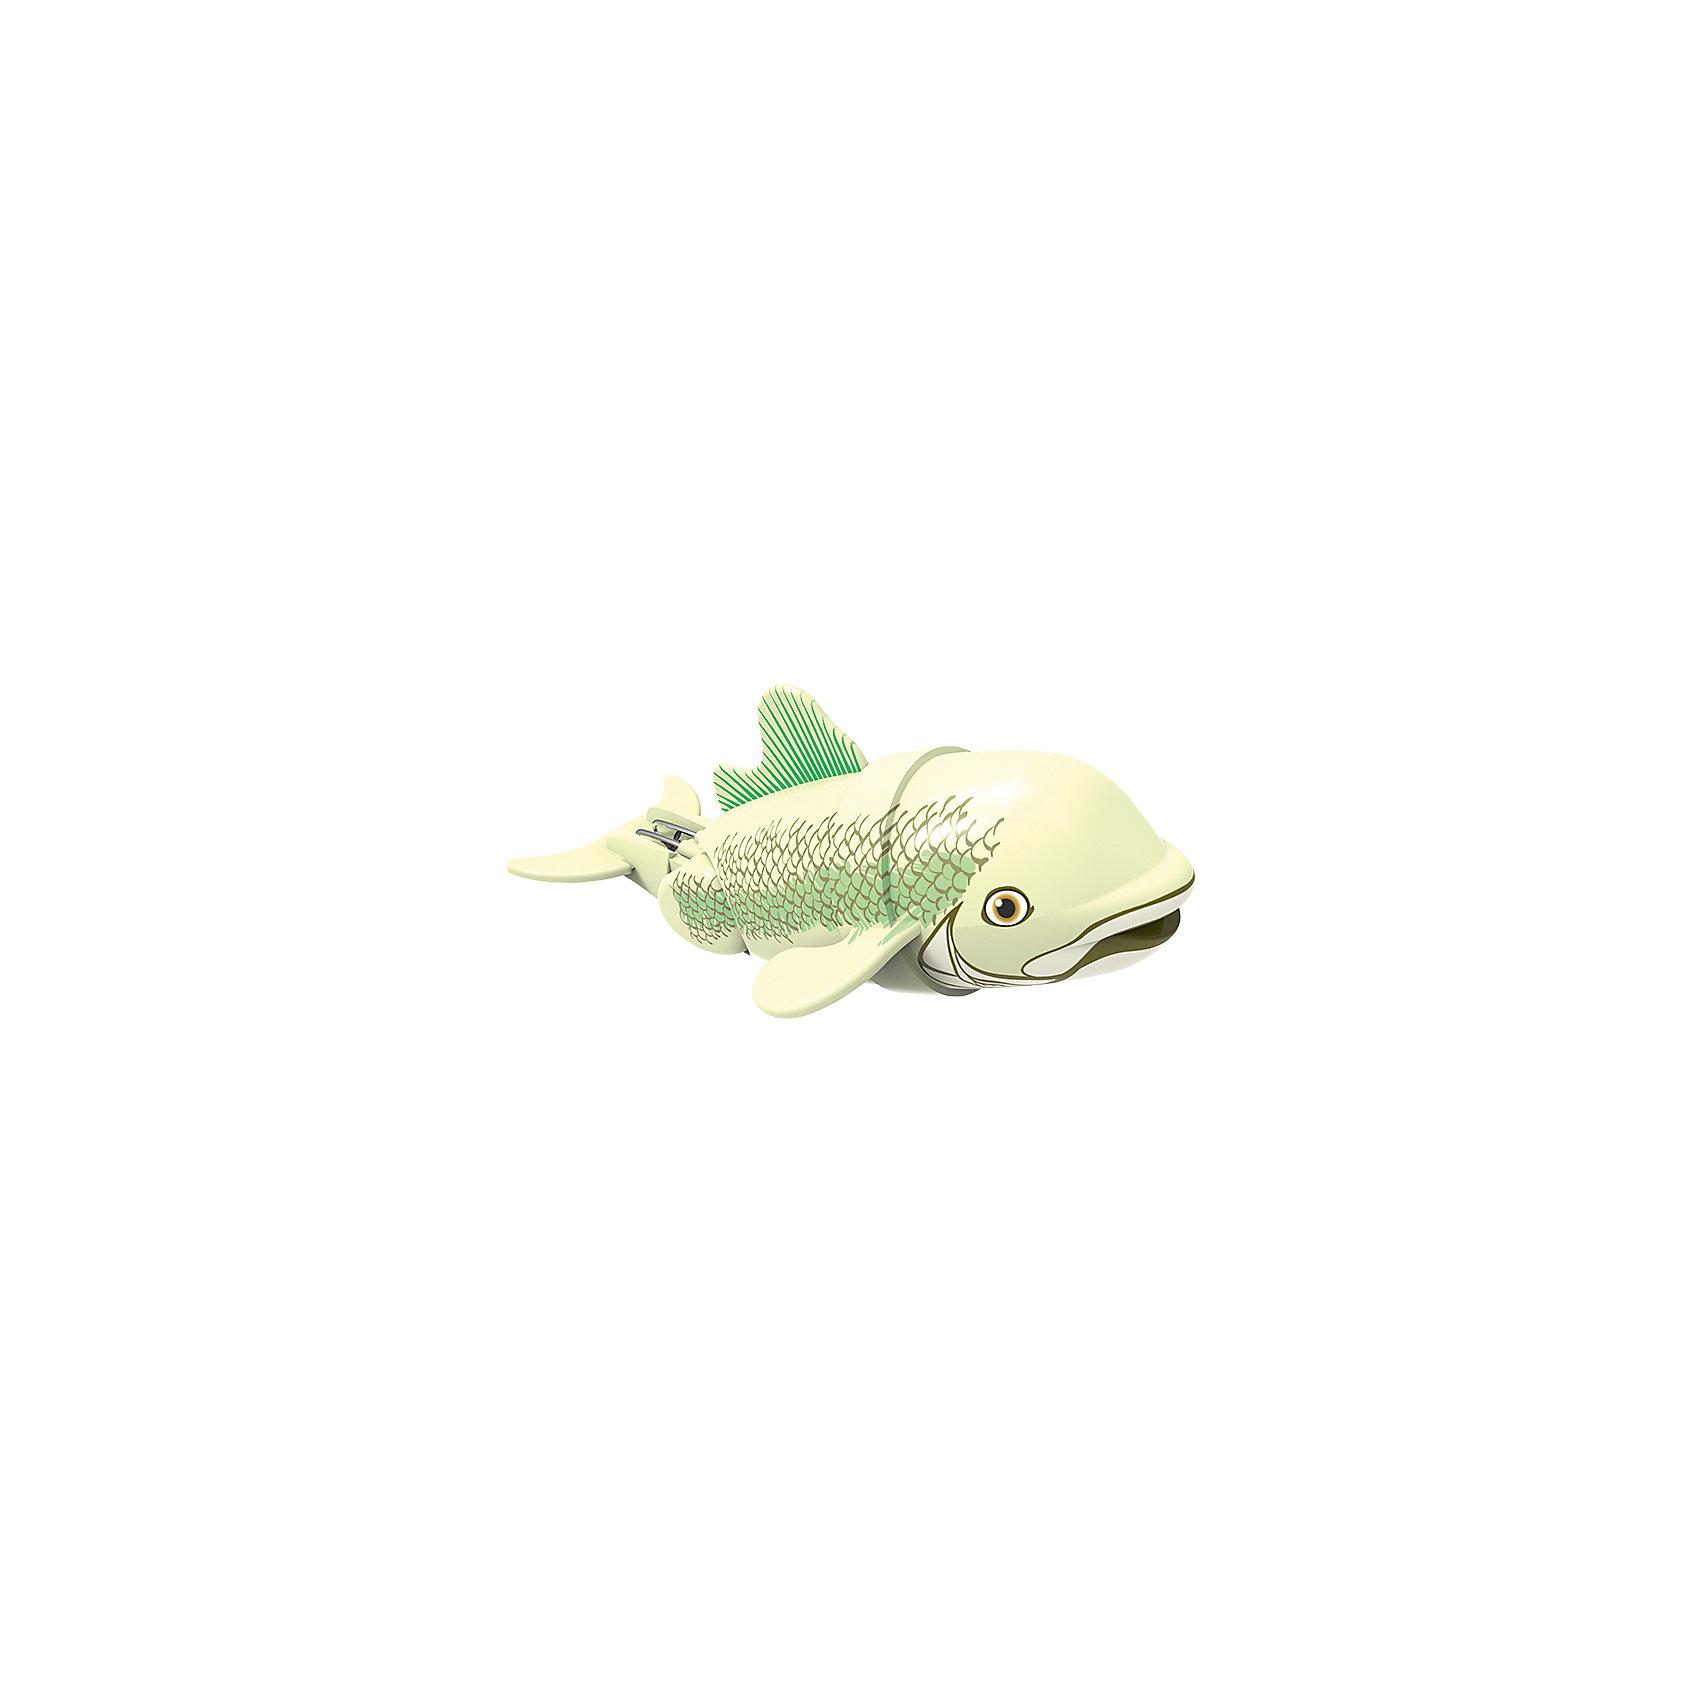 Рыбка-акробат Бубба, 12 см, Море чудесРоборыбки<br>Характеристики товара:<br><br>• возраст от 3 лет<br>• материал: пластик<br>• длина рыбки 12 см<br>• тип батареек: 3 x AAA / LR0.3 1.5 (мизинчиковые)<br>• наличие батареек: не входят в комплект<br>• размер упаковки 16х14х8,5 см<br>• вес упаковки 416 г.<br>• упаковка: блистер на картоне<br>• страна производитель: Китай<br><br>Рыбка-акробат Бубба Redwood — интерактивная игрушка для ванной, которая сделает процесс купания малыша веселым и увлекательным. Рыбка умеет плавать и нырять. Двигая плавниками и хвостом в разных направлениях, она начинает плыть. На корпусе имеется небольшое отверстие, в которое можно продеть веревочку и брать рыбку с собой на водоем. <br><br>Рыбку-акробат Бубба Redwood можно приобрести в нашем интернет-магазине.<br><br>Ширина мм: 160<br>Глубина мм: 140<br>Высота мм: 85<br>Вес г: 416<br>Возраст от месяцев: 36<br>Возраст до месяцев: 2147483647<br>Пол: Унисекс<br>Возраст: Детский<br>SKU: 5544174